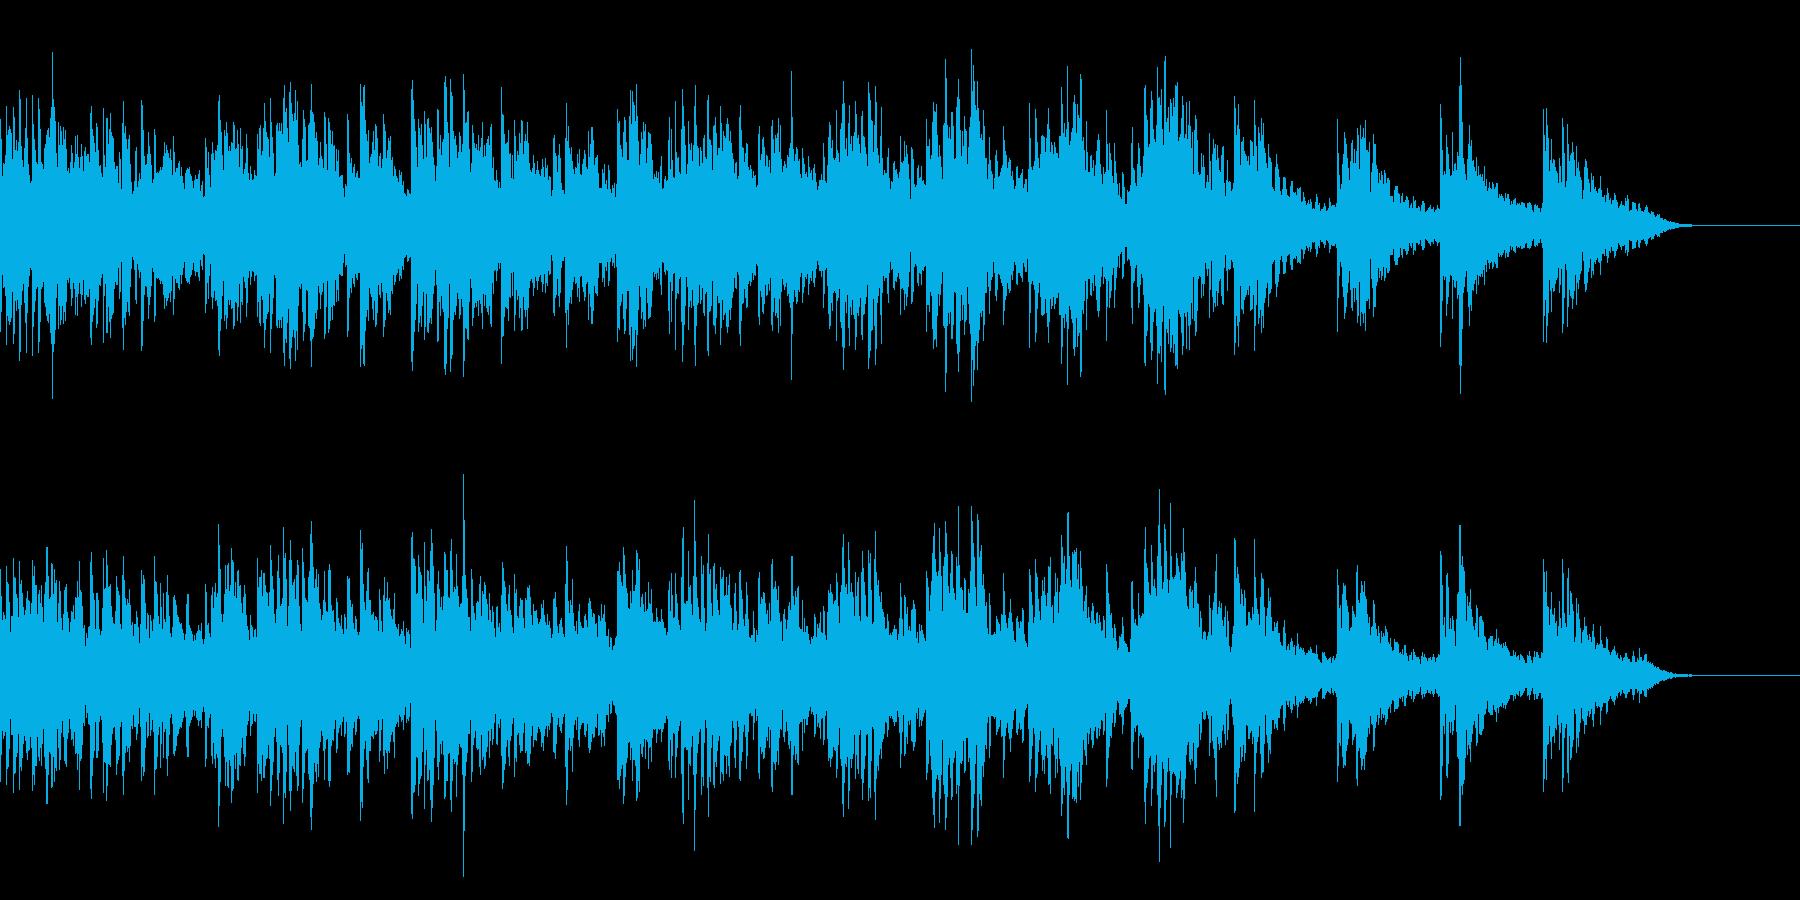 哀愁感の凄いBGM/悲しいシーンに合う曲の再生済みの波形